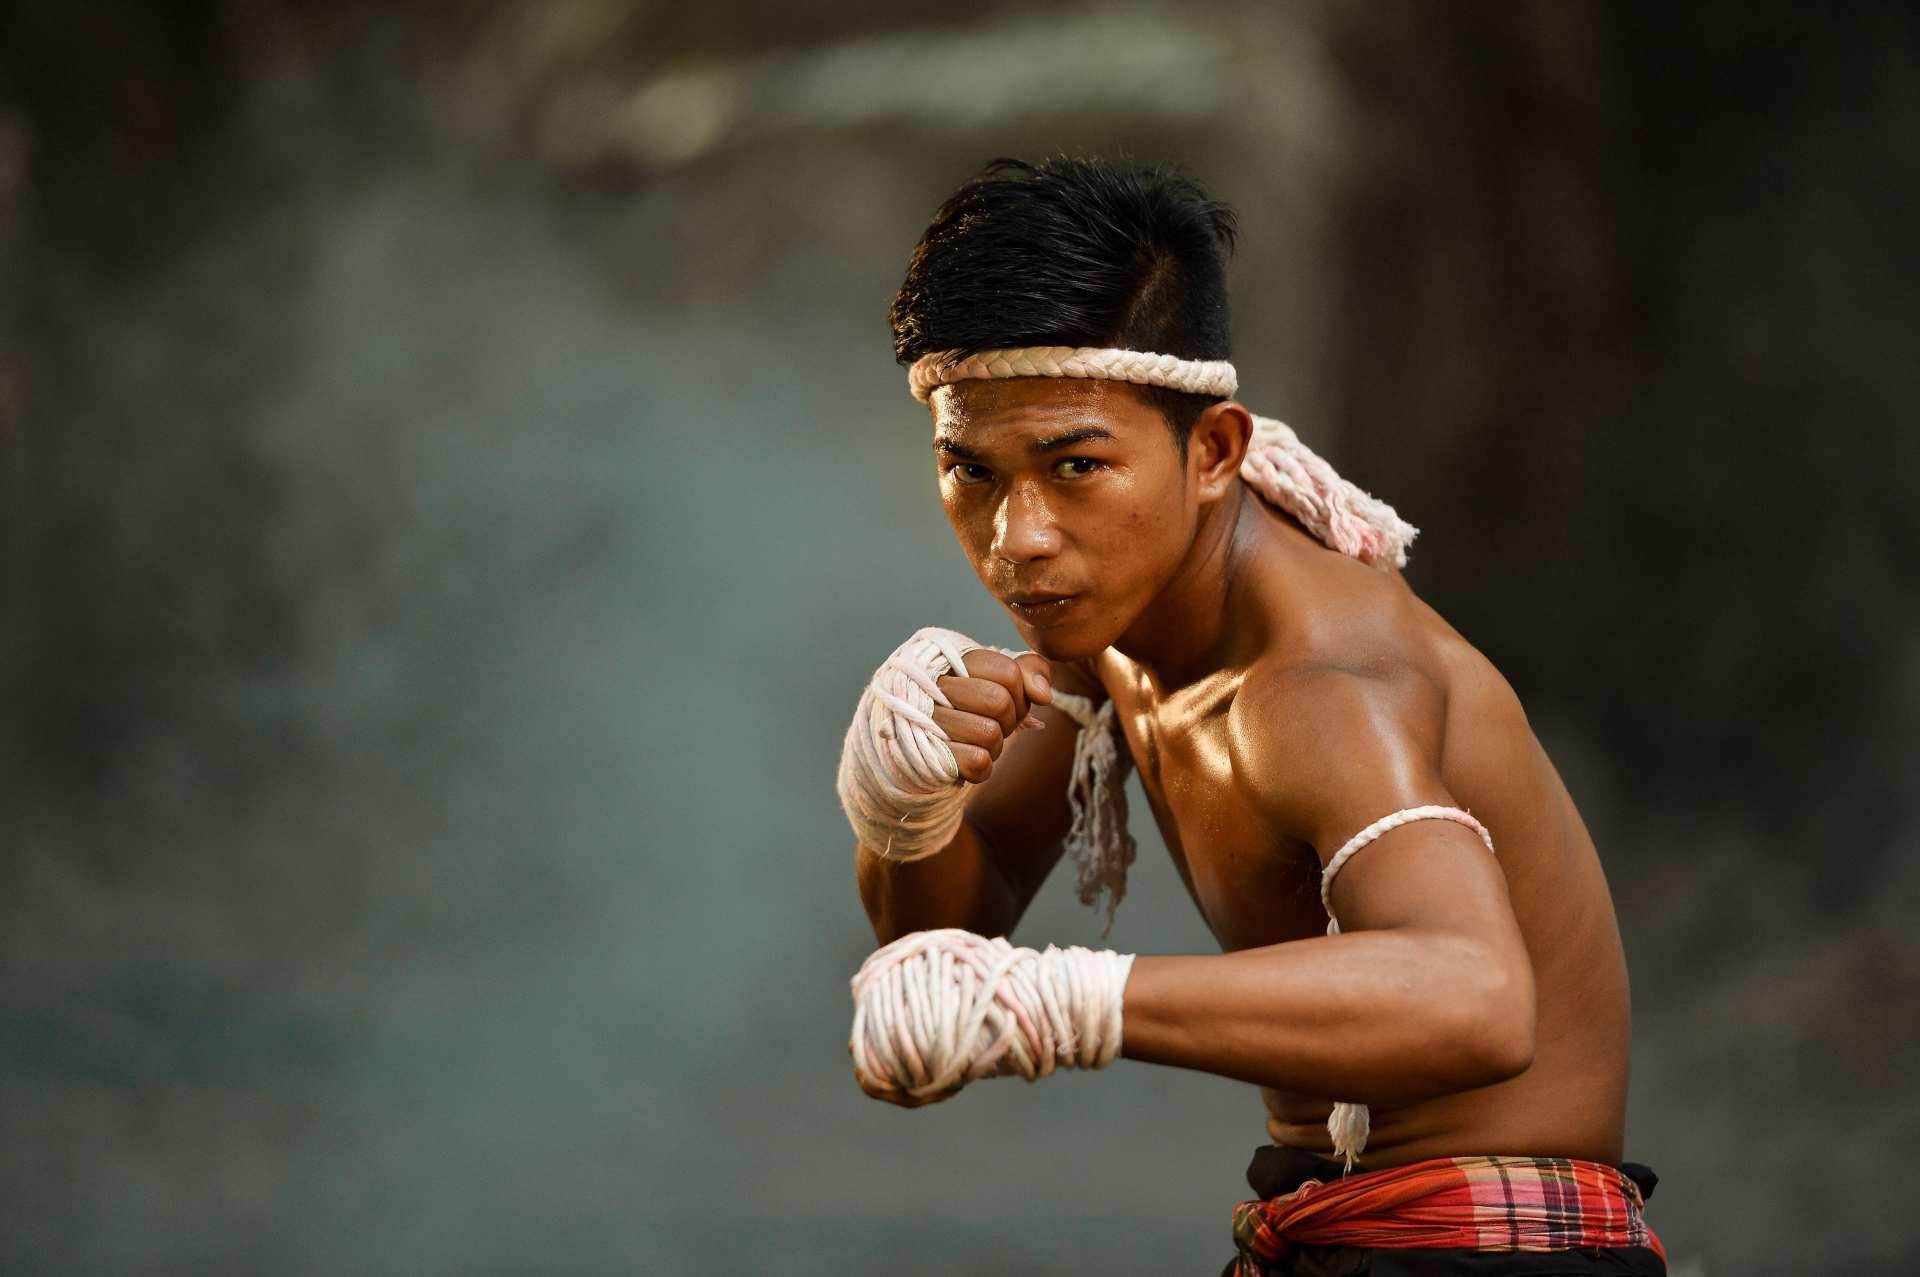 【泰國必看表演】清邁泰拳競技場門票 Chiangmai Boxing Stadium